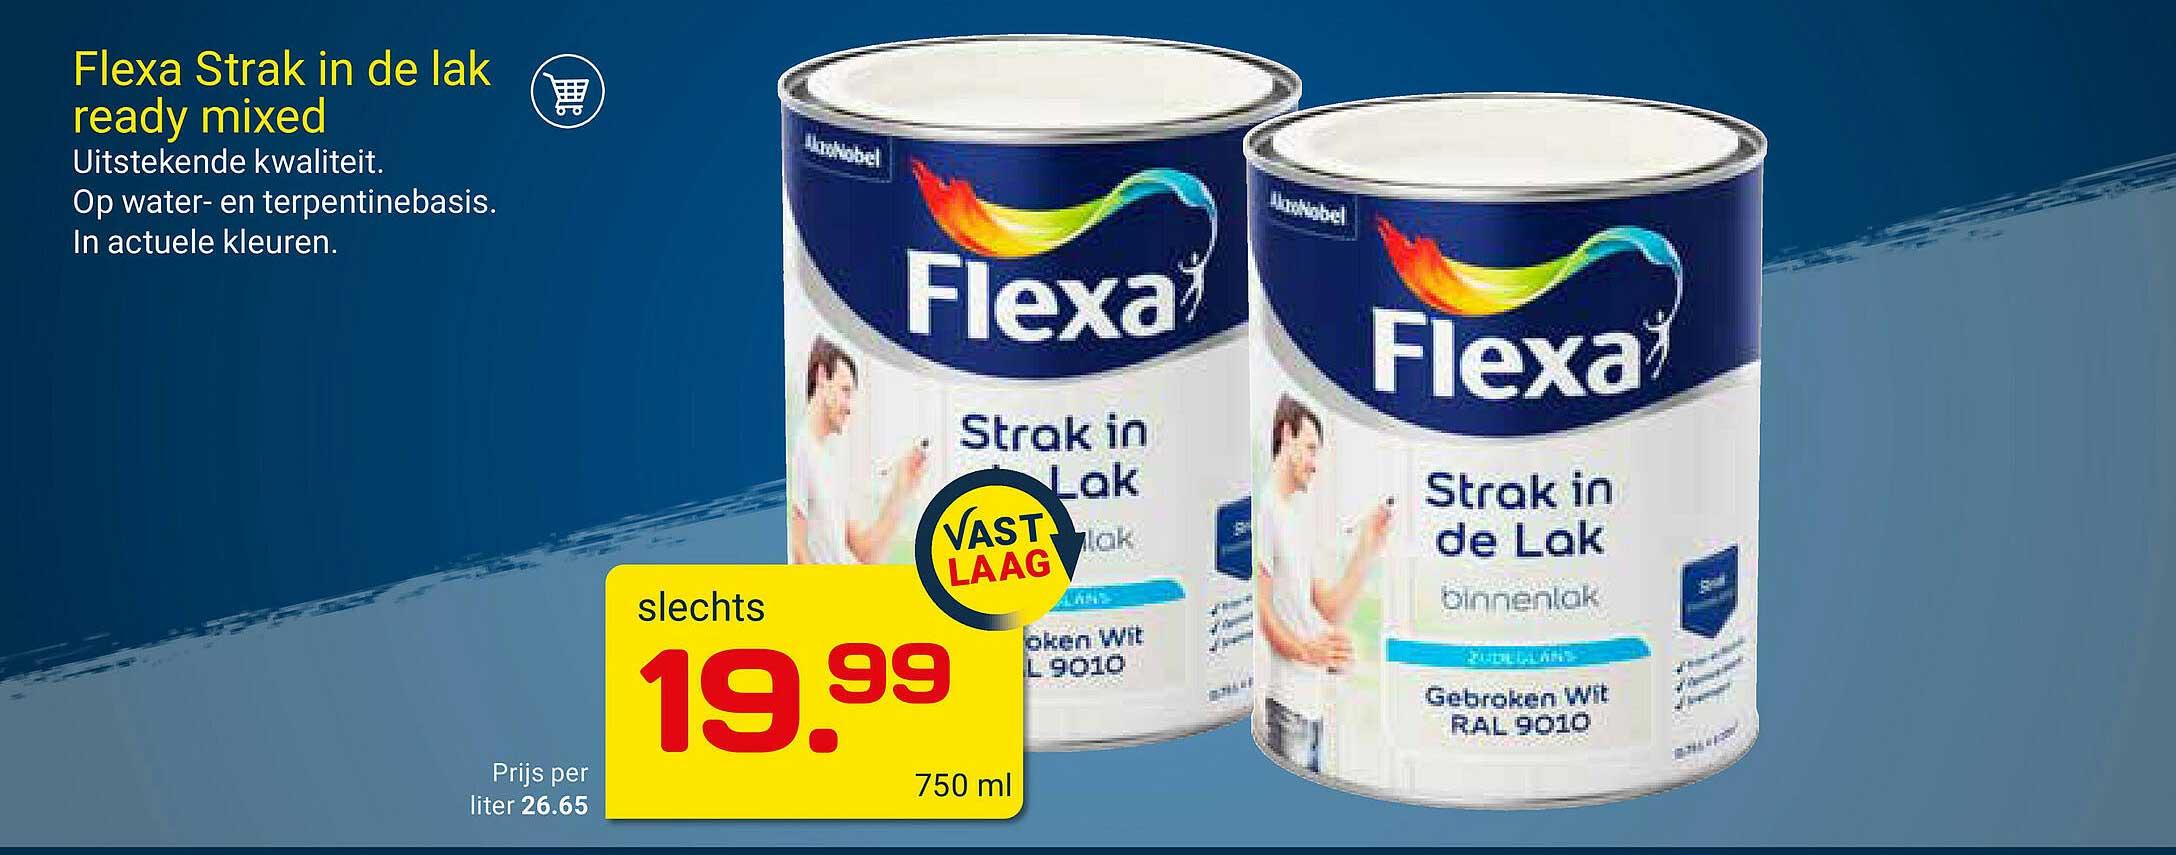 KlusWijs Flexa Strak In De Lak Ready Mixed